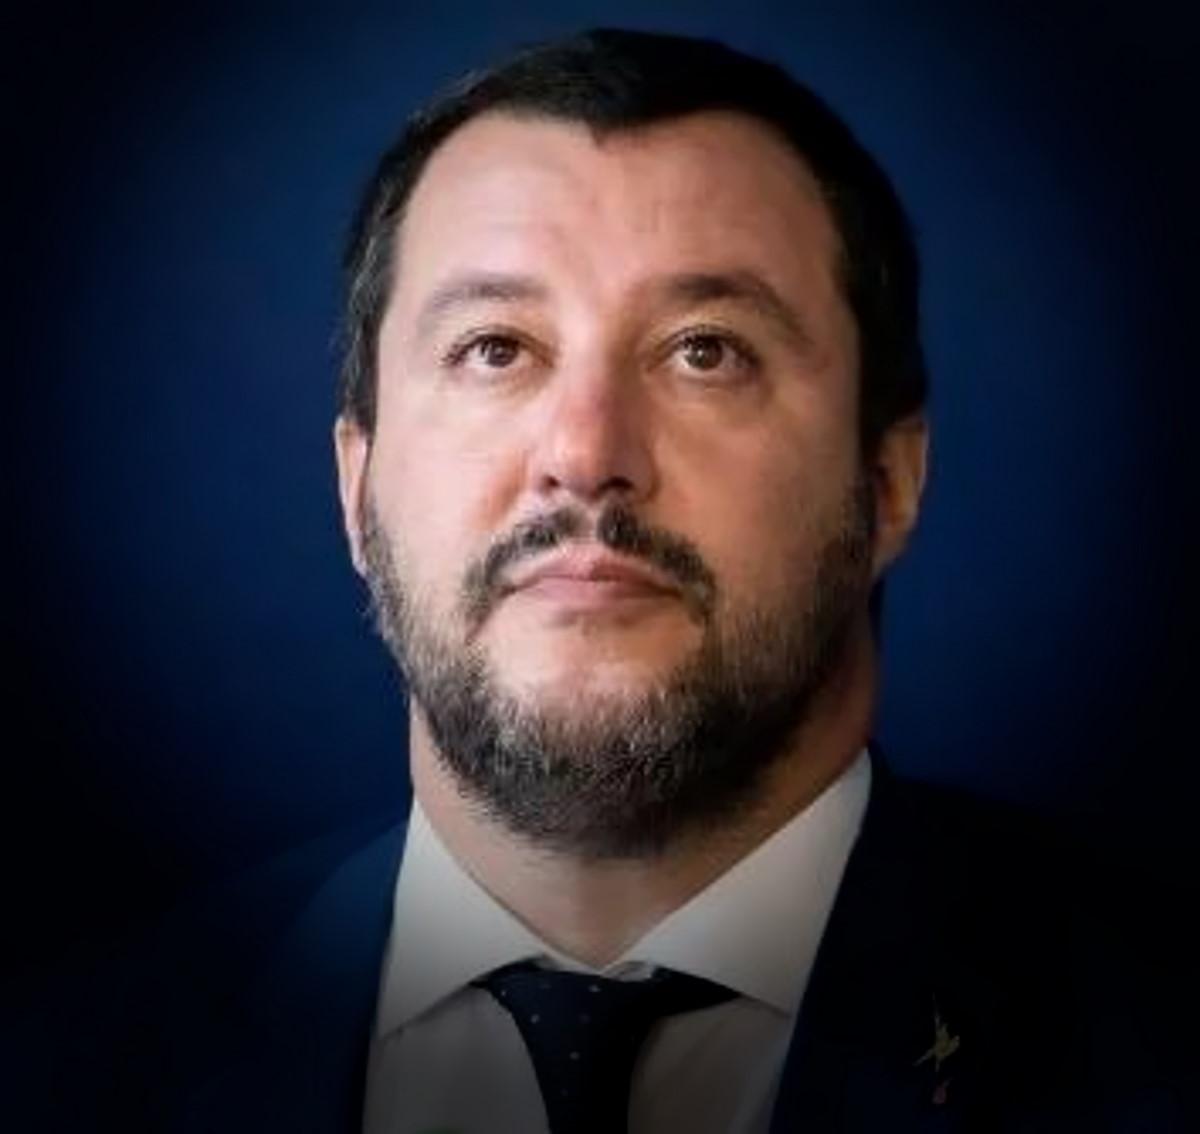 L'incoerente coerenza e i conti sballati del possibile futuro premier Matteo Salvini